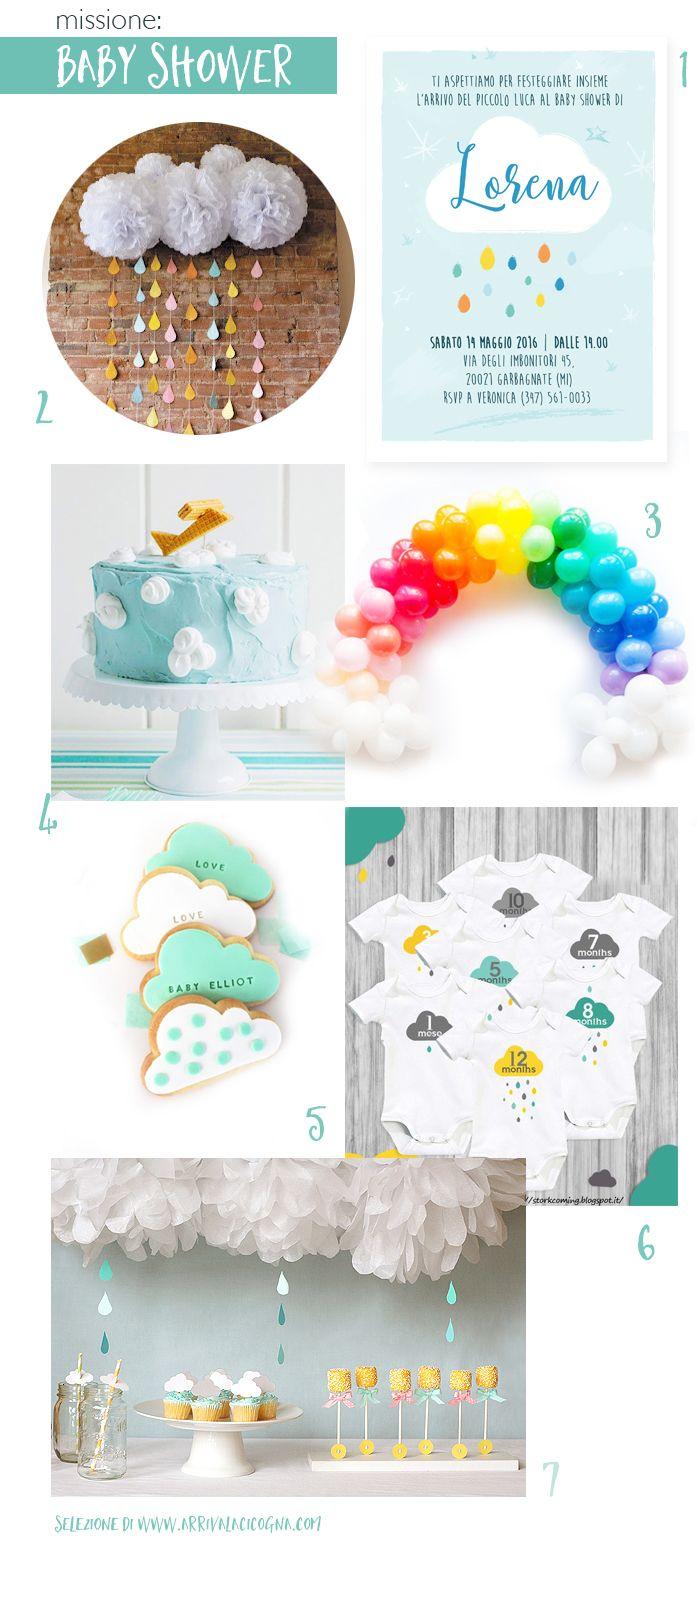 Arriva la cicogna: Come organizzare il Baby Shower perfetto: 7 idee c...